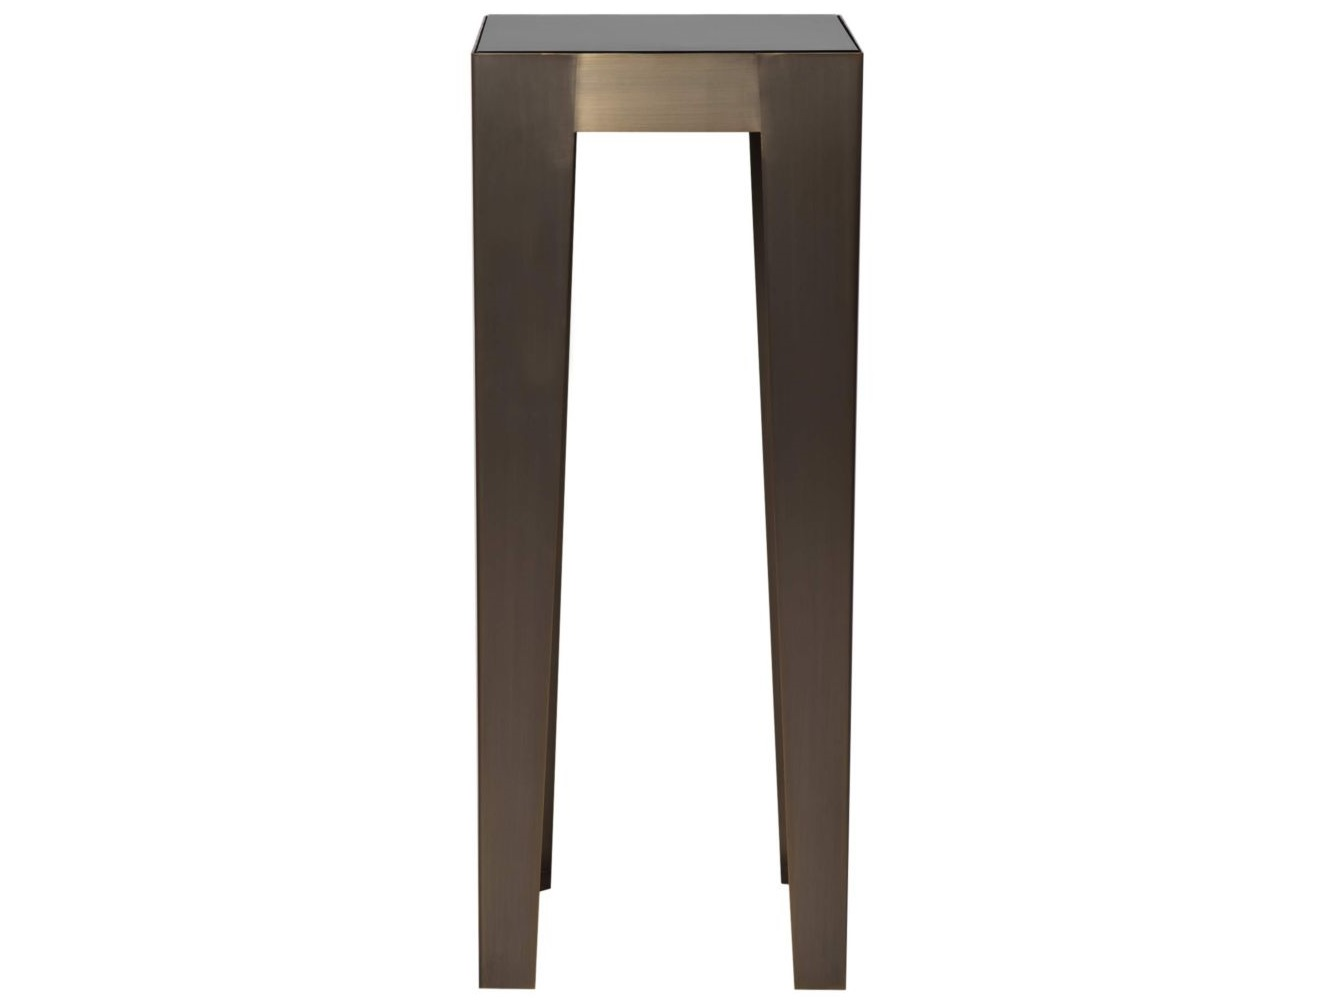 Консоль HermesНеглубокие консоли<br>Коллекция столов и столиков Hermes создана, чтобы воплотить самые смелые идеи в оформлении Вашего дома. Сияющие массивные ножки, поддерживающие стеклянную столешницу, «изрезанную» мраморными прожилками великолепно смотрятся в любой форме и размере. Узкий длинный или высокий квадратный постаменты для декора,  низкий  журнальный или квадратный кофейный столы – любая из этих роскошных деталей добавит в ваш интерьер шика и создаст неповторимый стиль.<br><br>Material: Металл<br>Ширина см: 40<br>Высота см: 100<br>Глубина см: 40